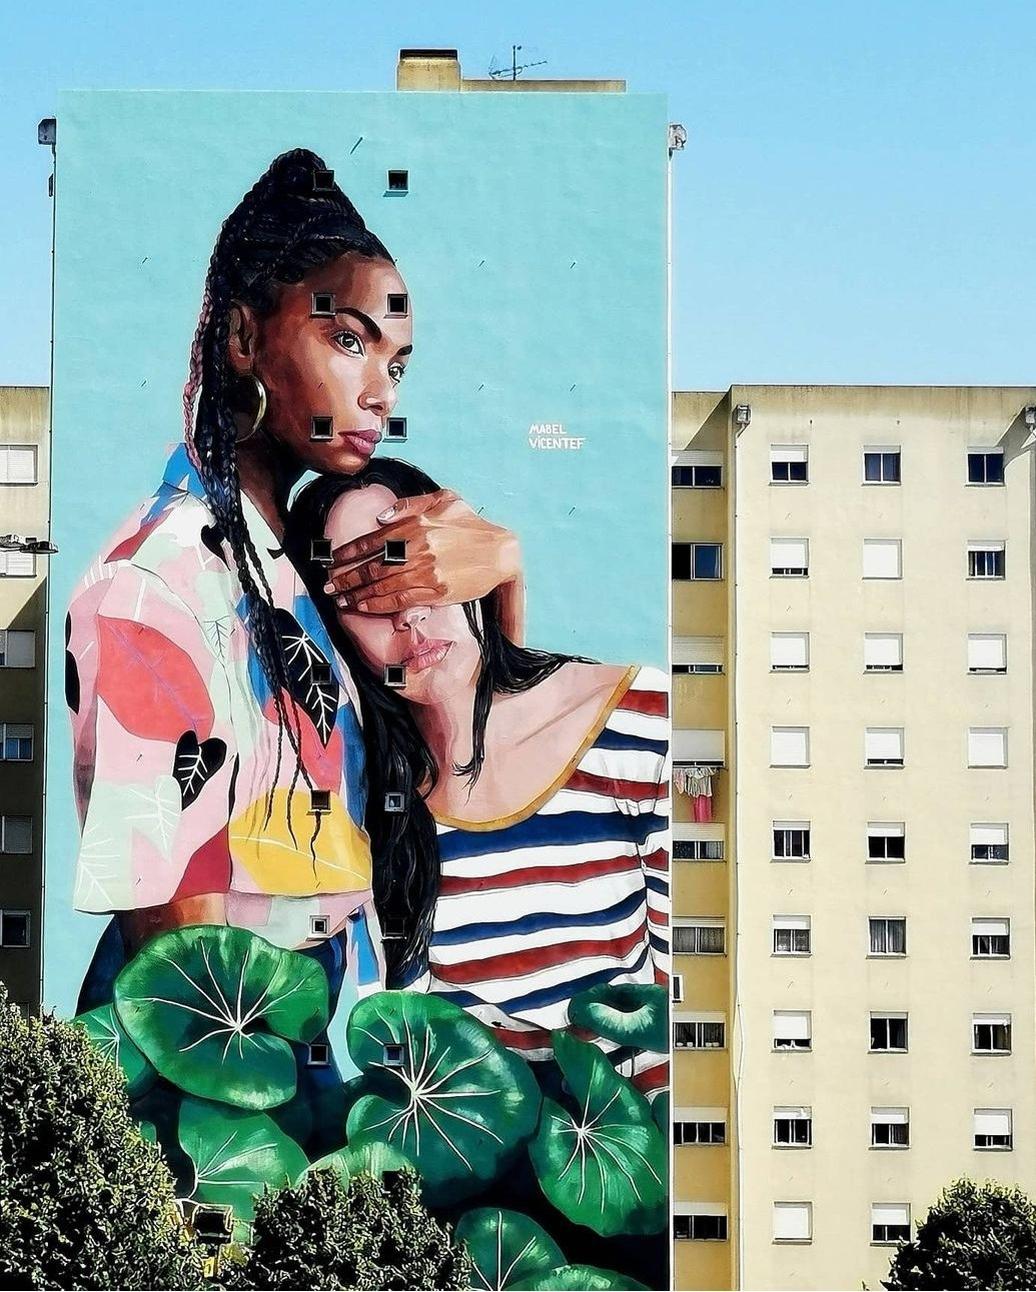 Mabel Vicentef @ Lisbon, Portugal